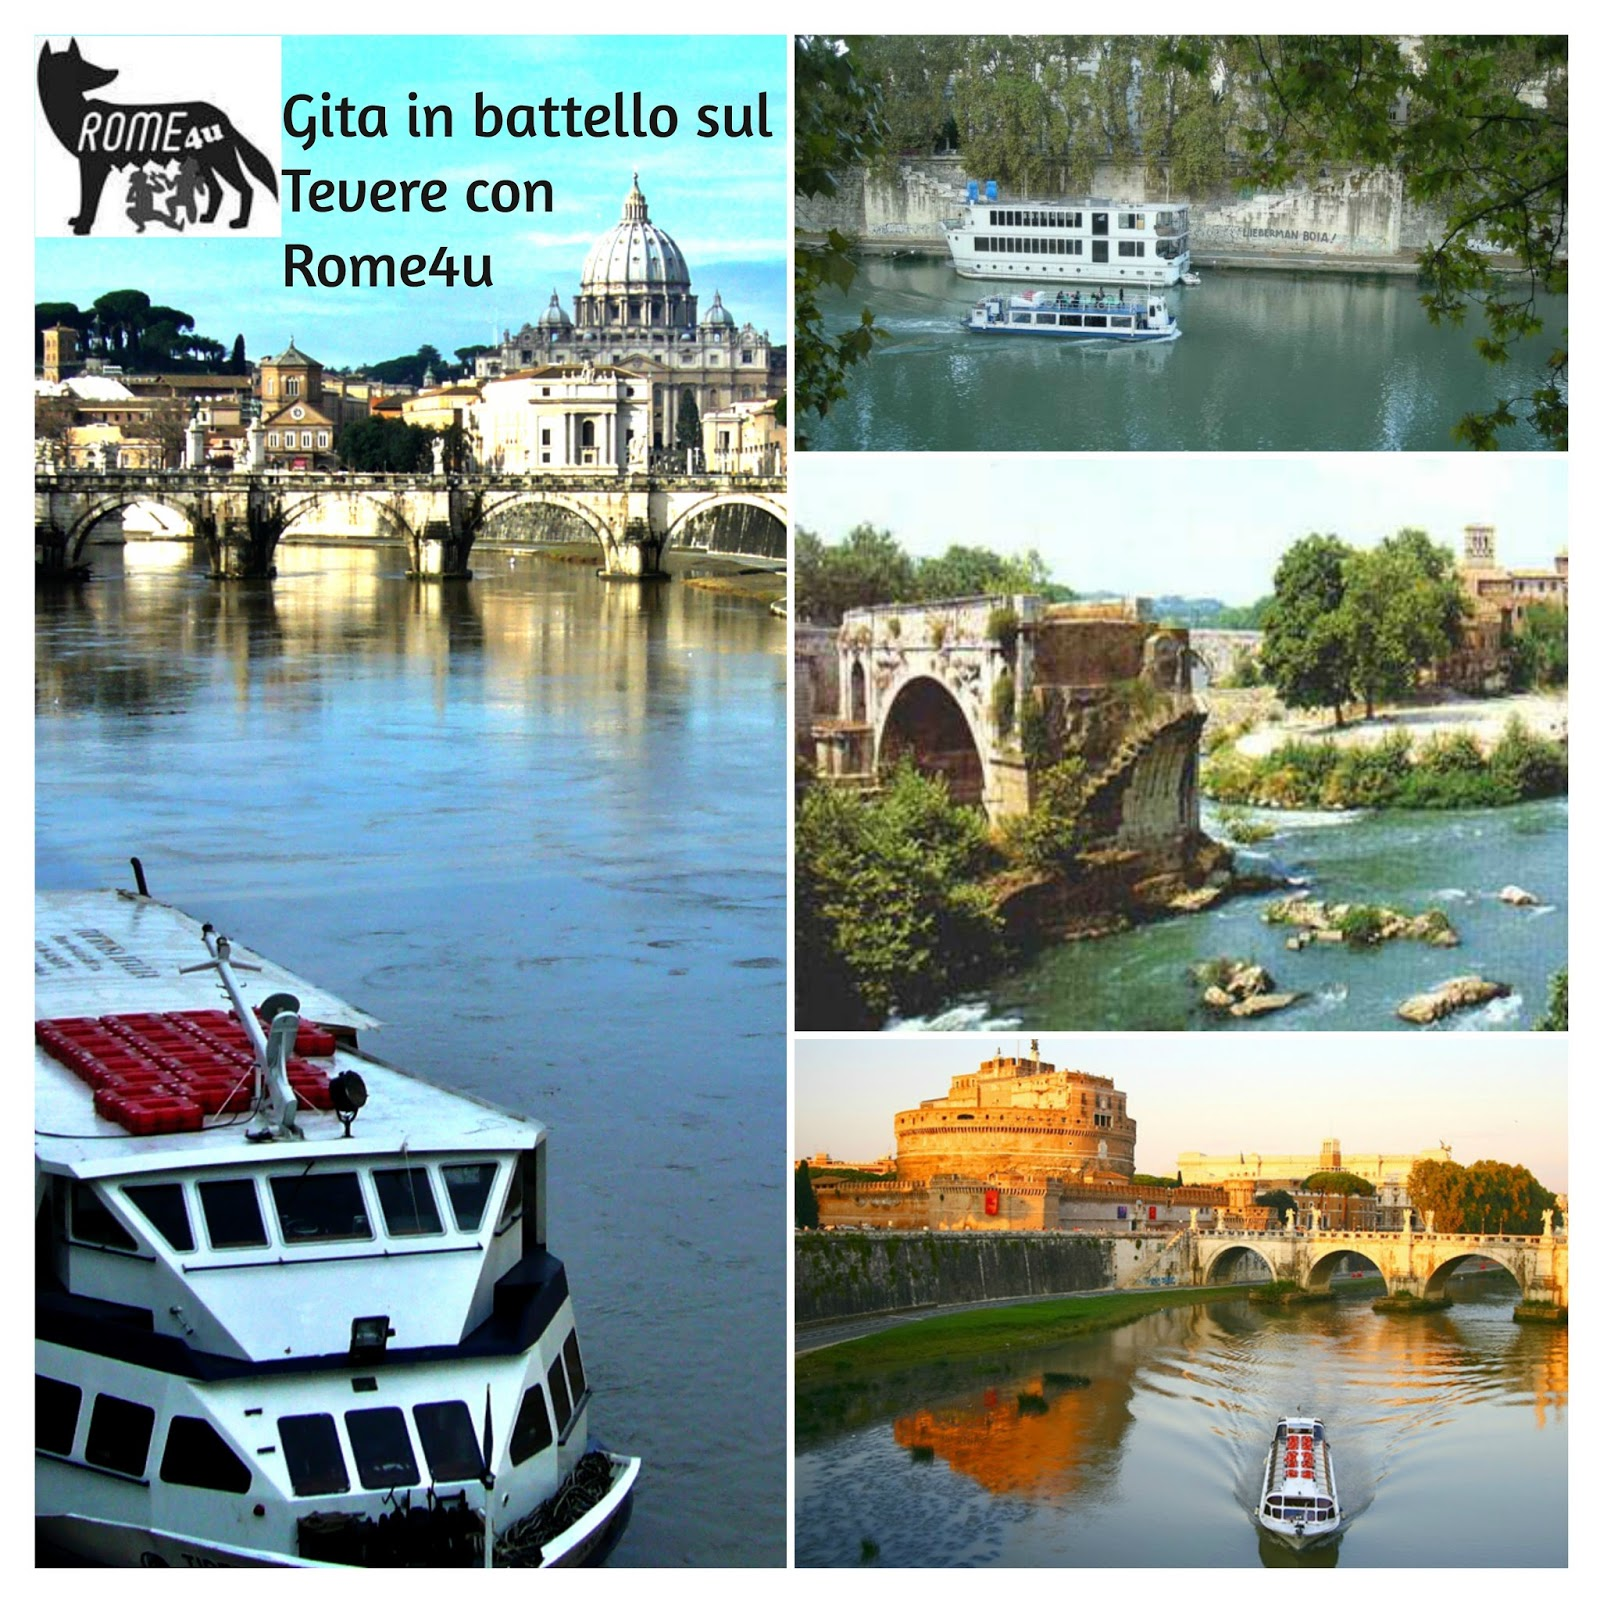 Domenica 14 aprile, h 10.30 Gita in battello con visite guidata sulle bellezze di Roma